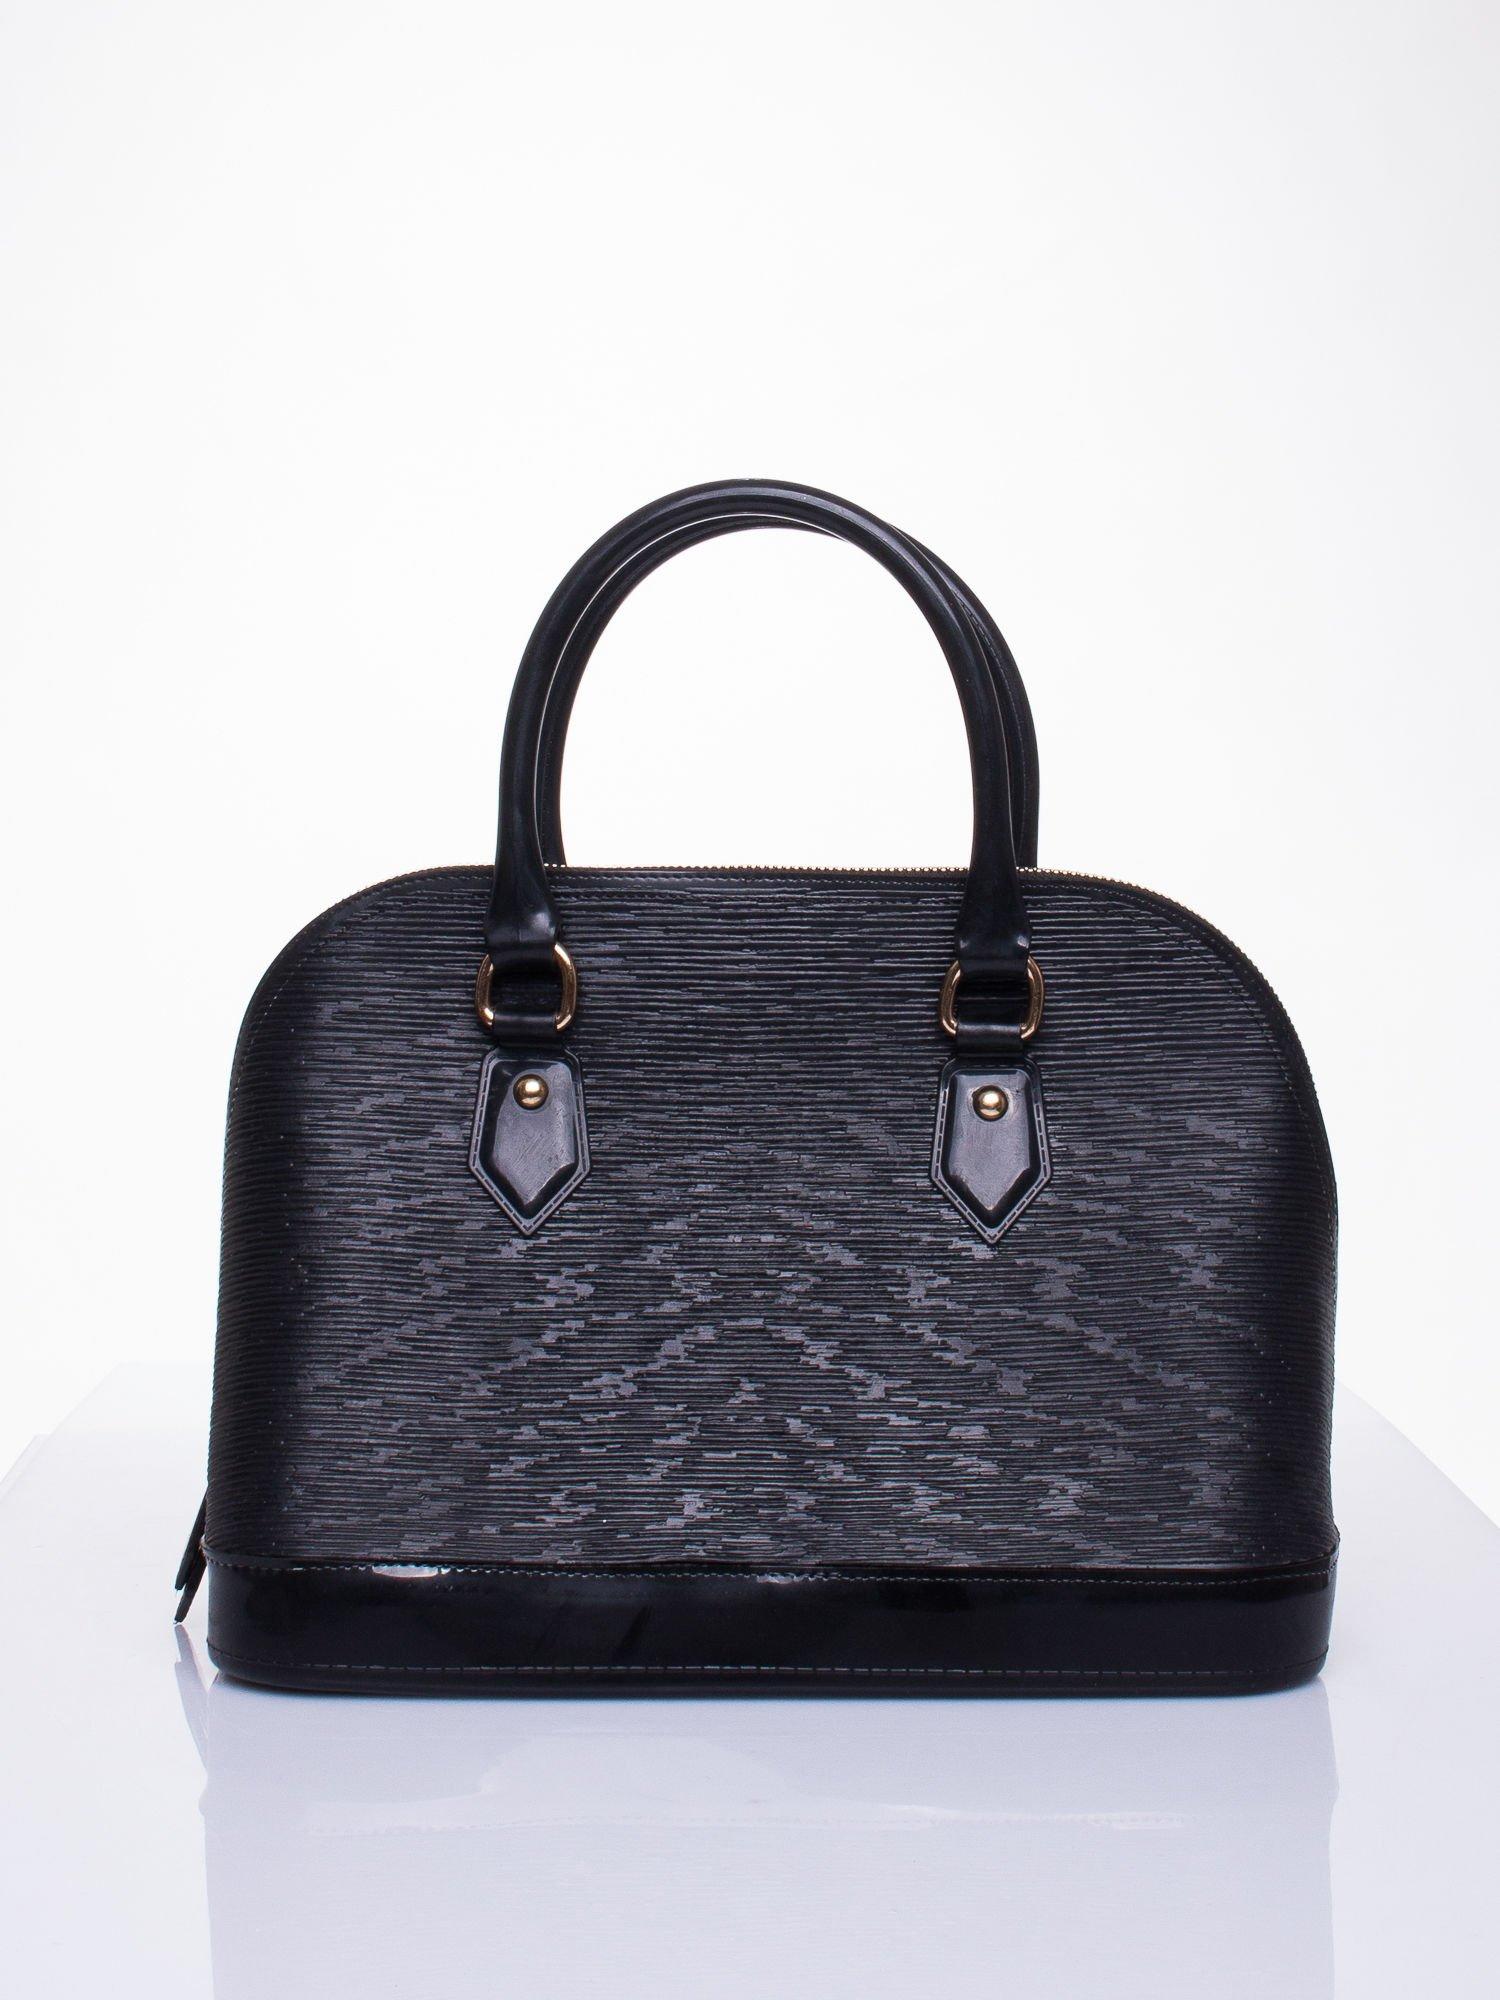 Czarna fakturowana torba gumowa kuferek z rączką                                  zdj.                                  1